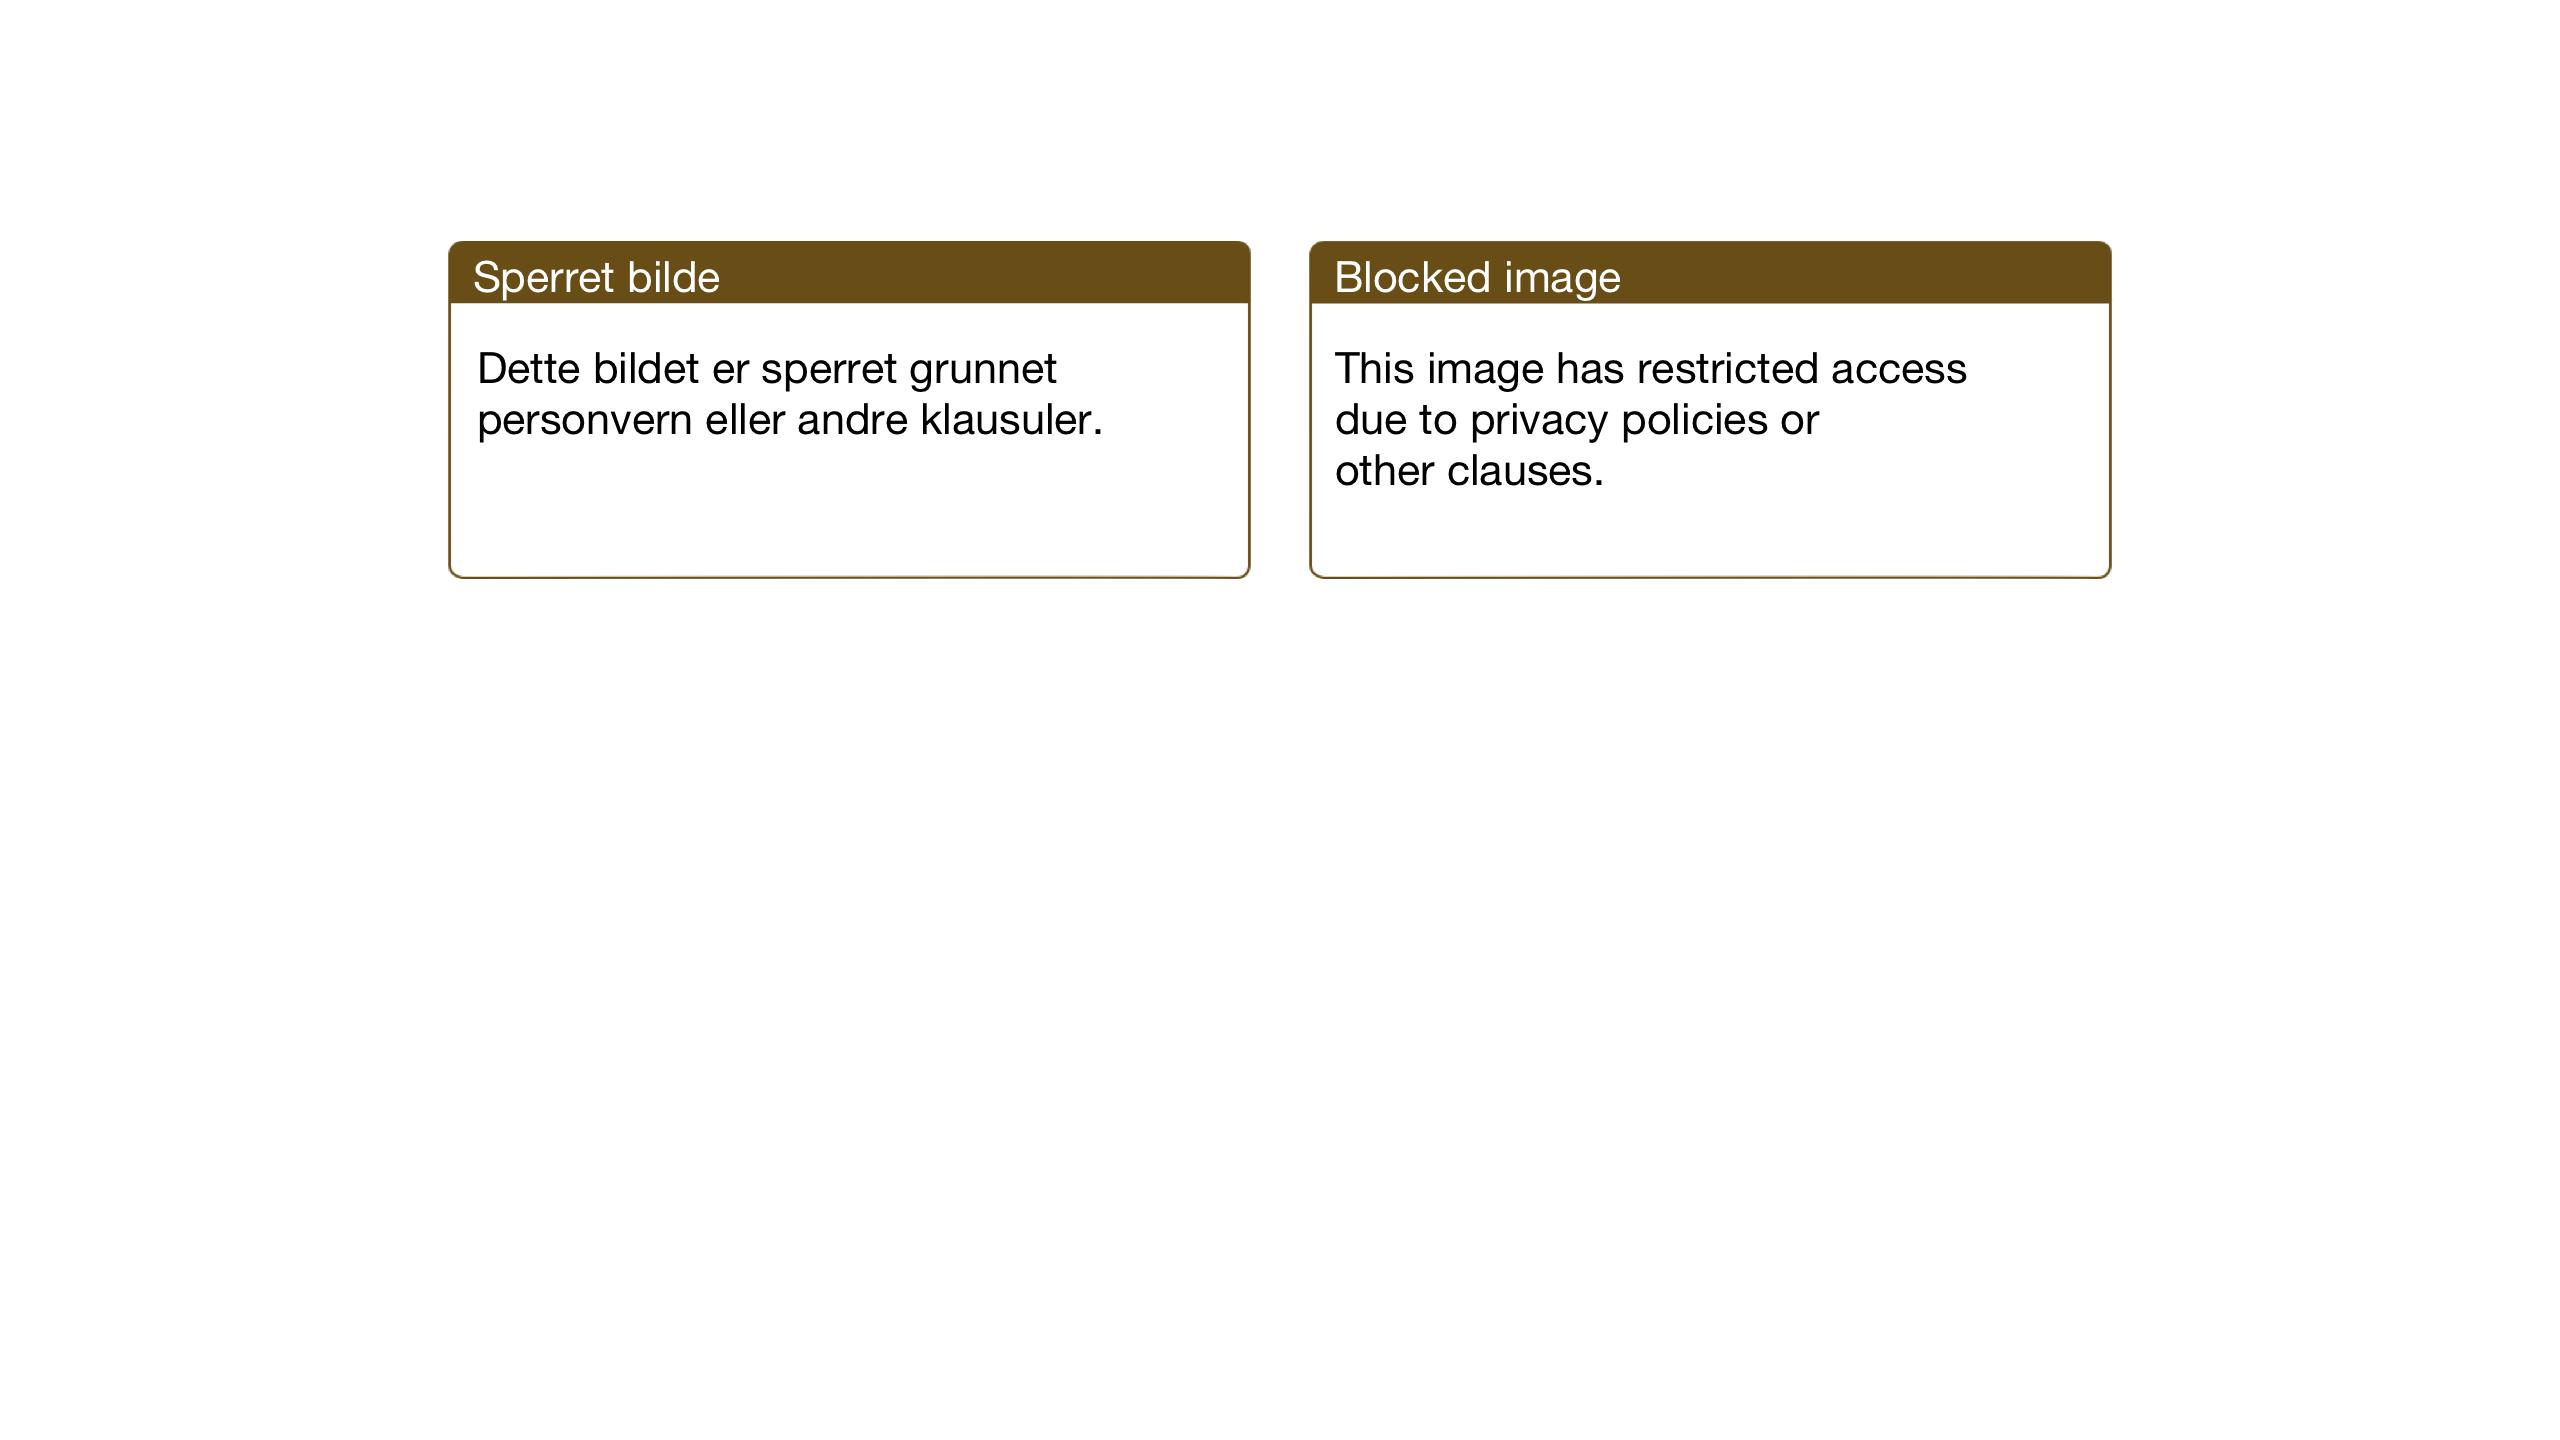 SAT, Ministerialprotokoller, klokkerbøker og fødselsregistre - Nord-Trøndelag, 733/L0328: Klokkerbok nr. 733C03, 1919-1966, s. 33